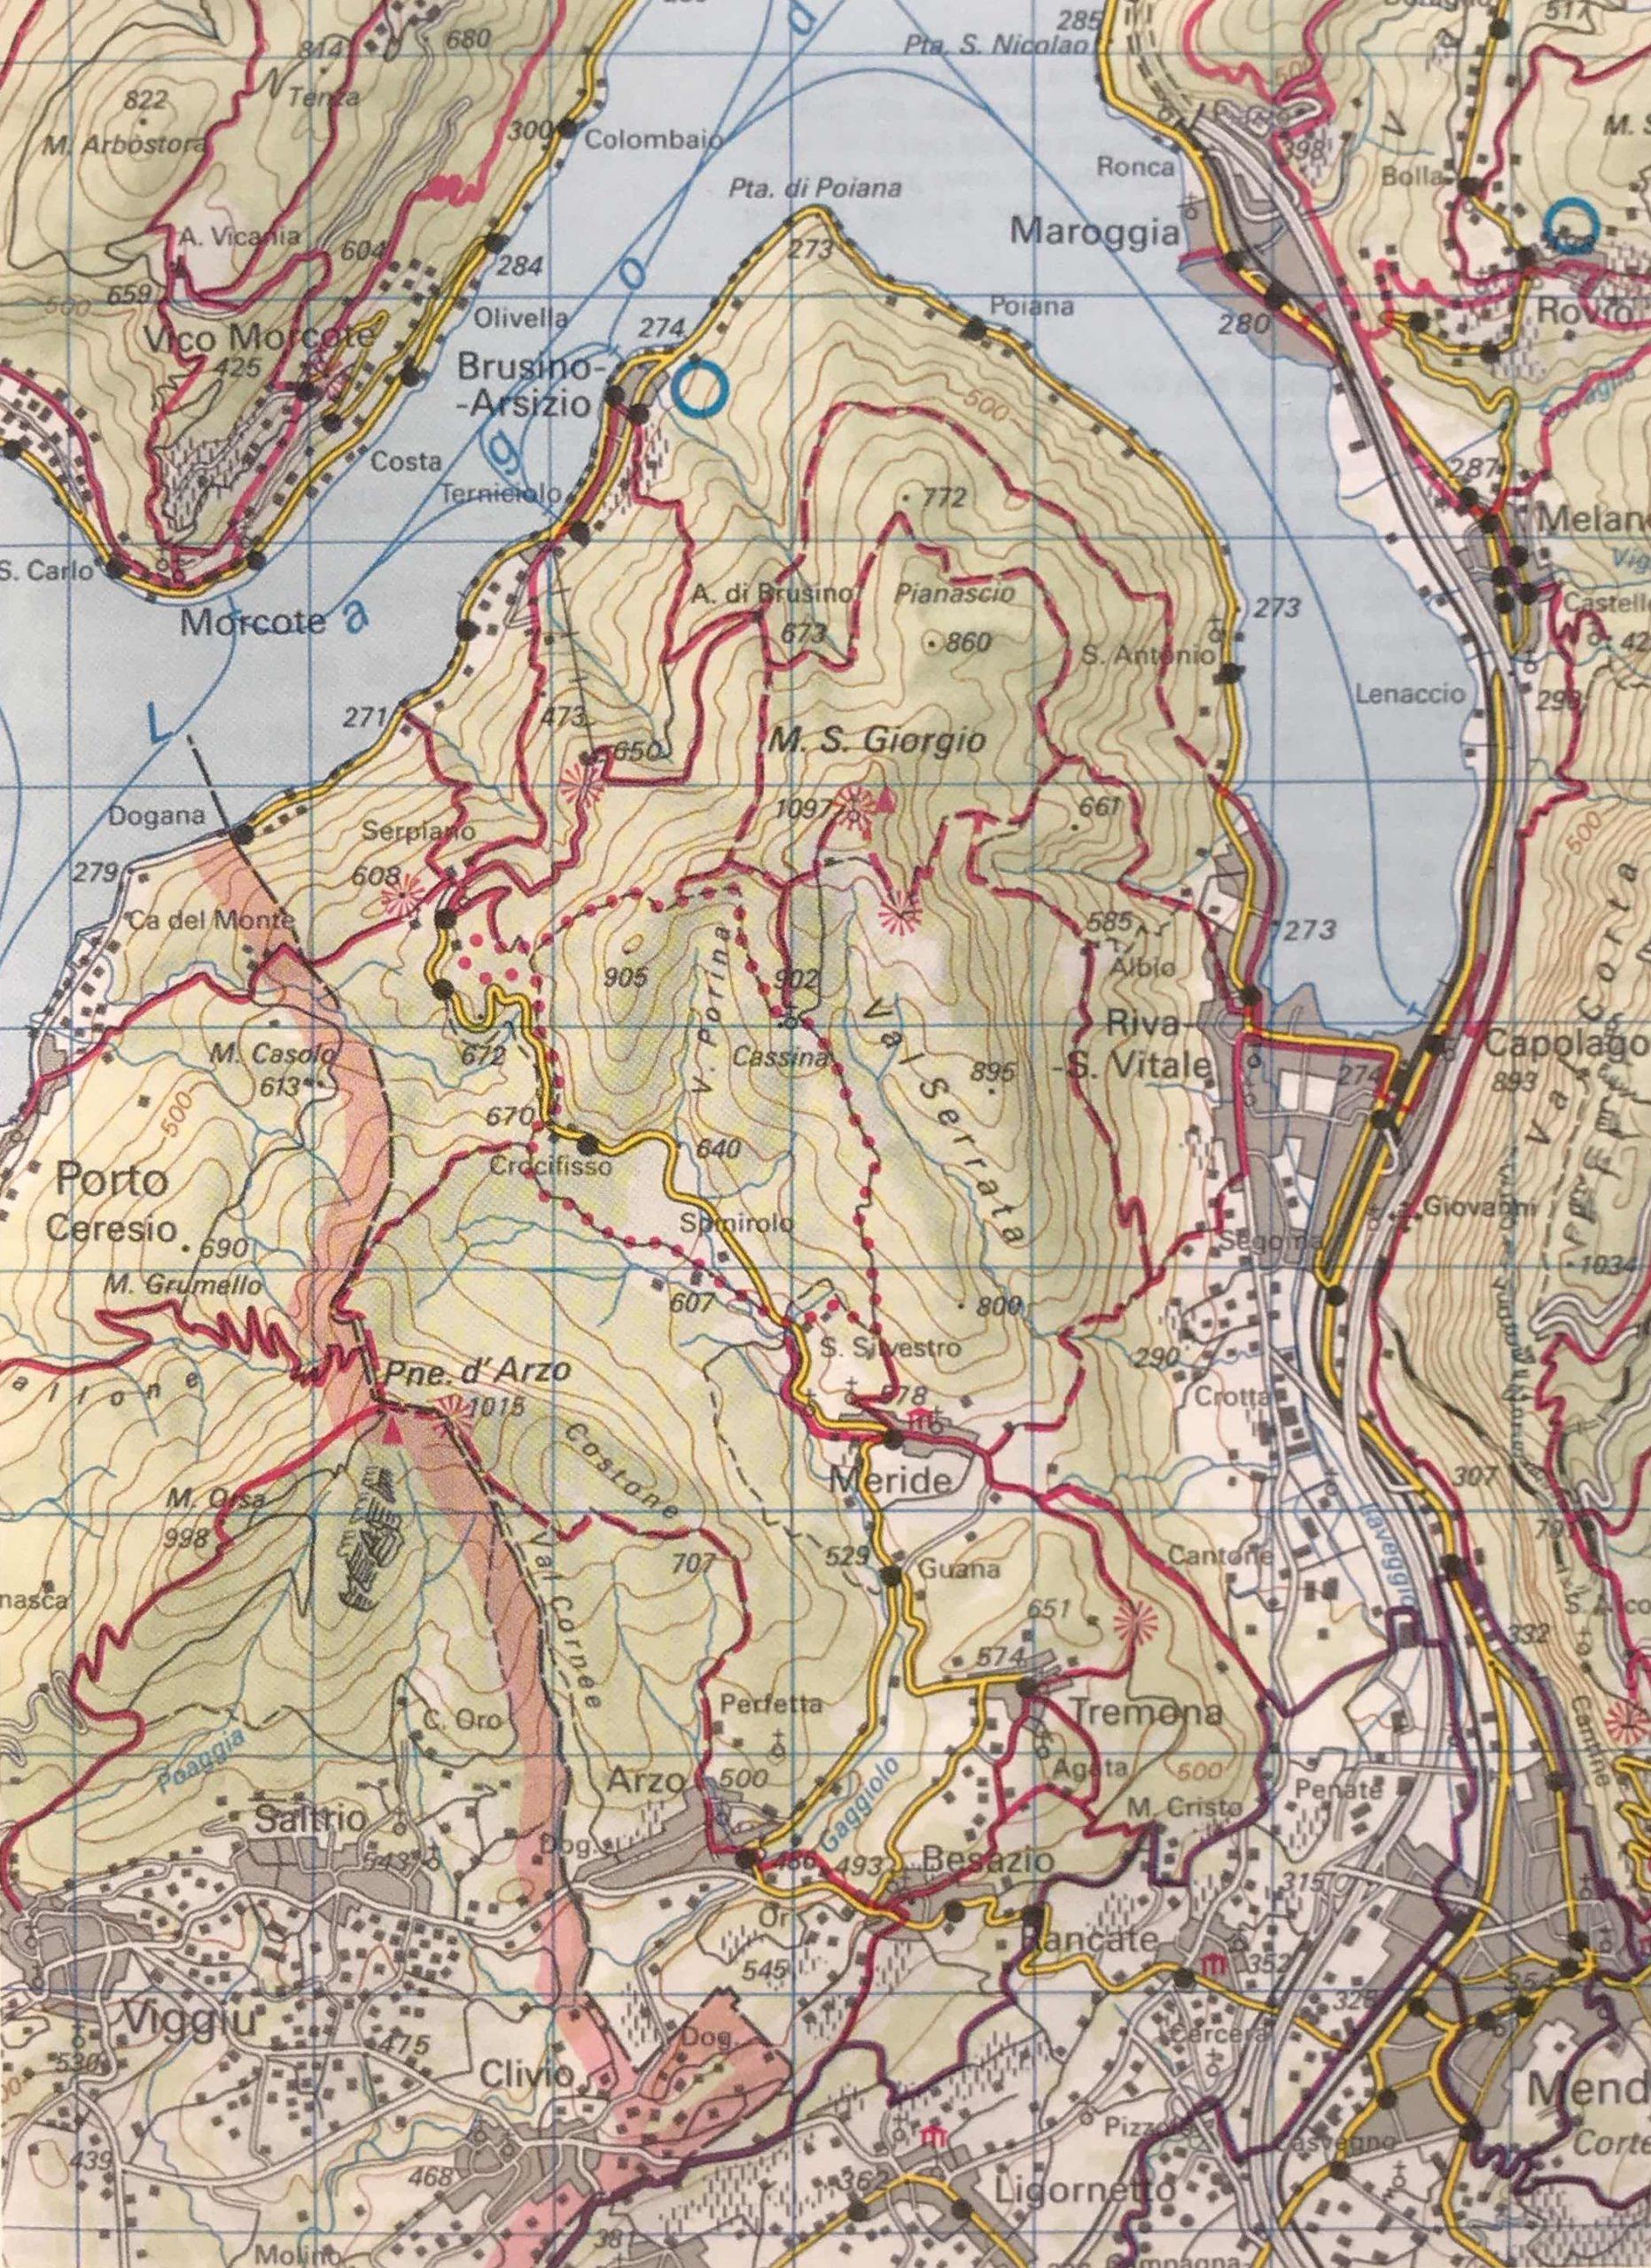 Mappa dei sentieri Monte S. Giorgio